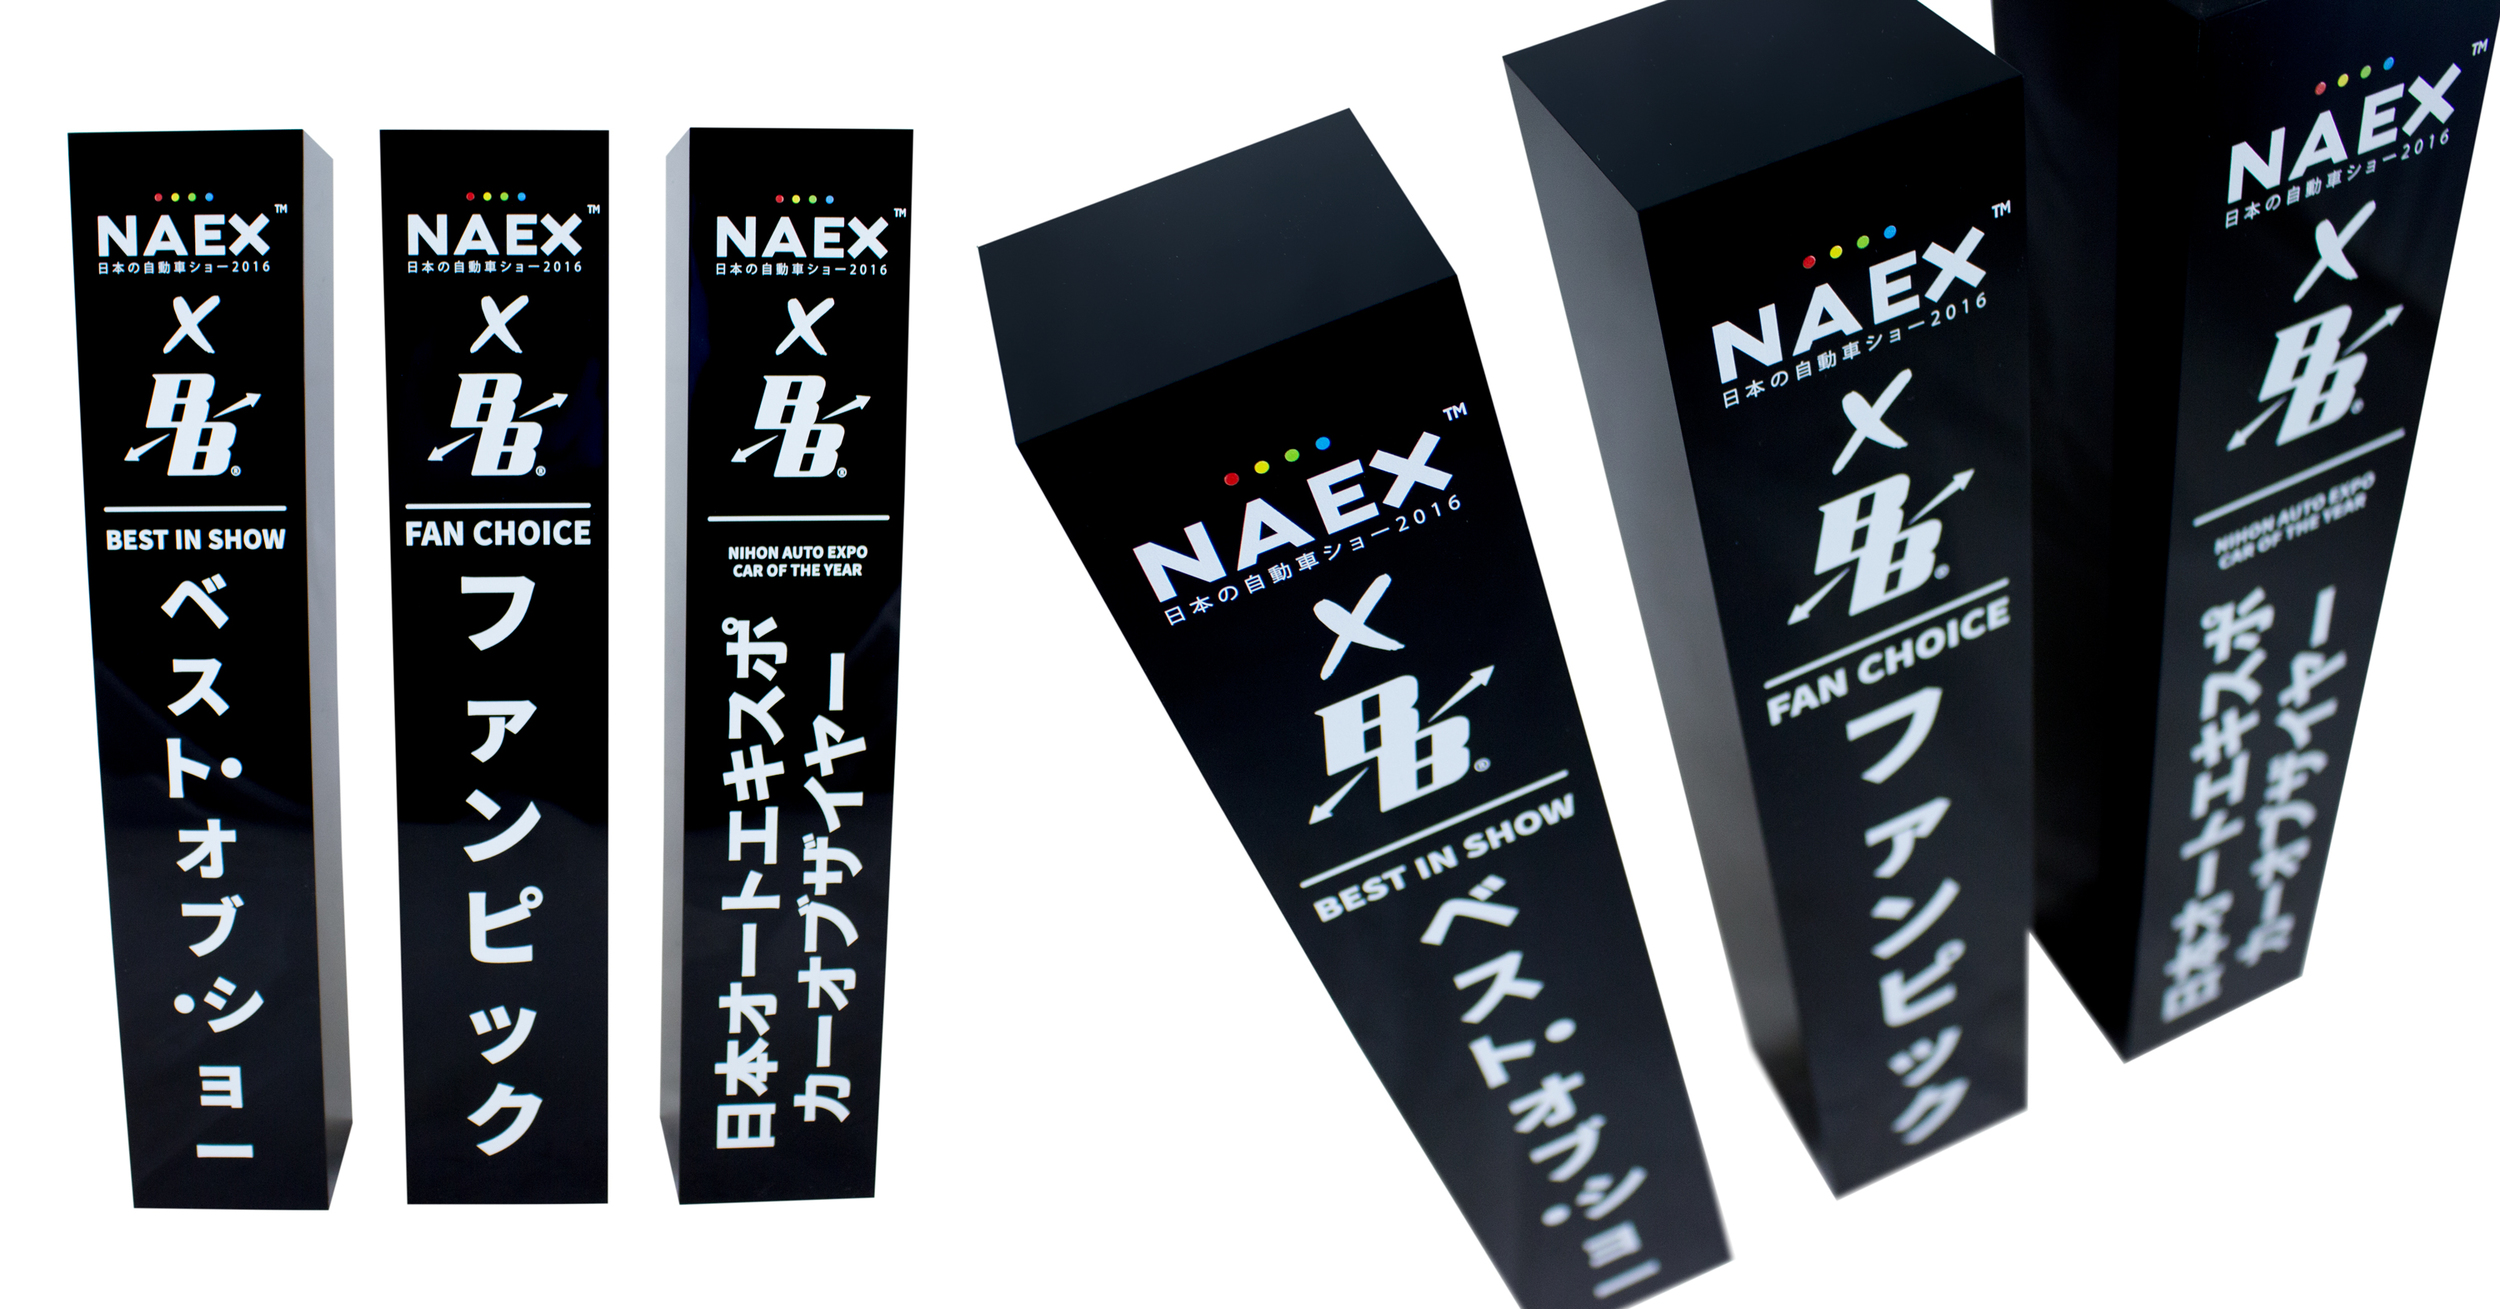 naex car show trophies awards canada